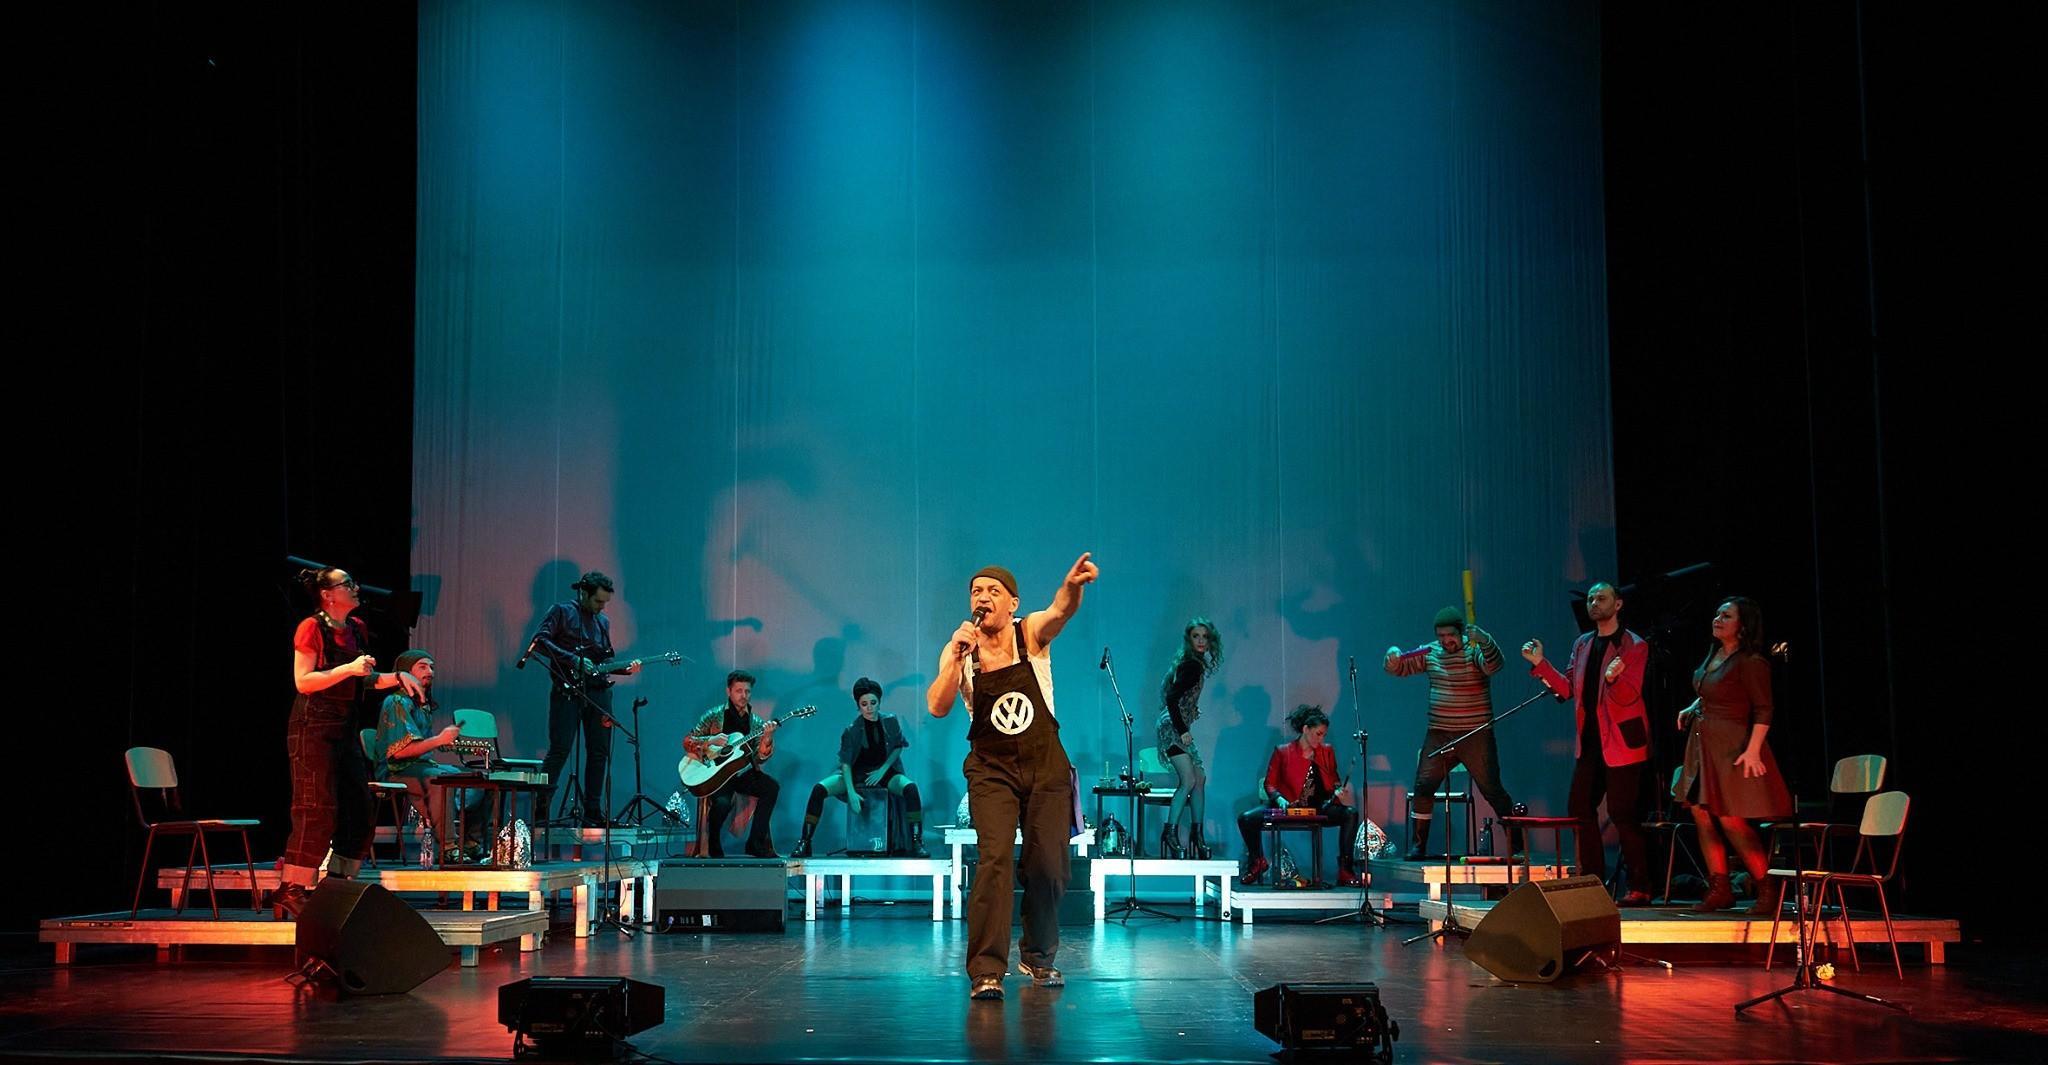 Baia Mare devine capitala teatrului. Revine cel mai vechi festival internaţional de teatru organizat în România